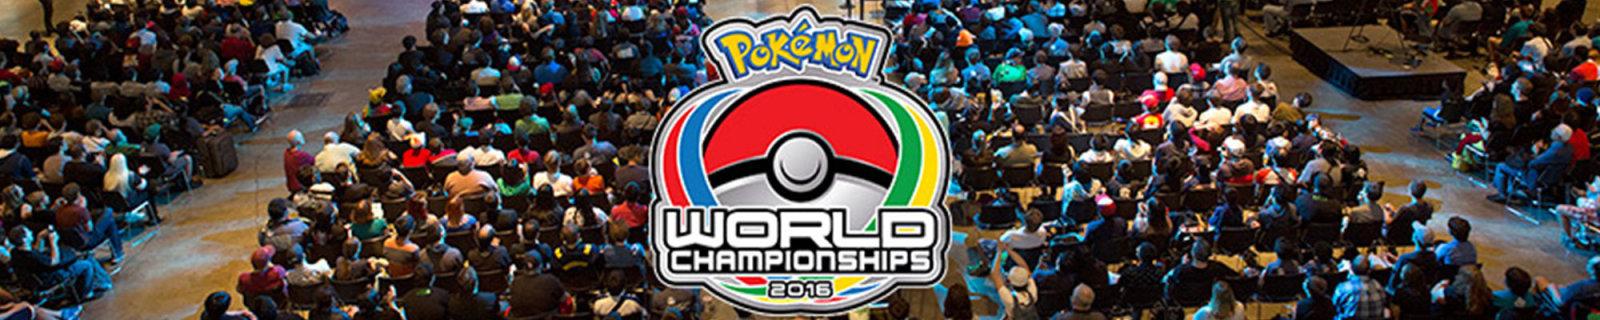 香港将举办《精灵宝可梦》世锦赛